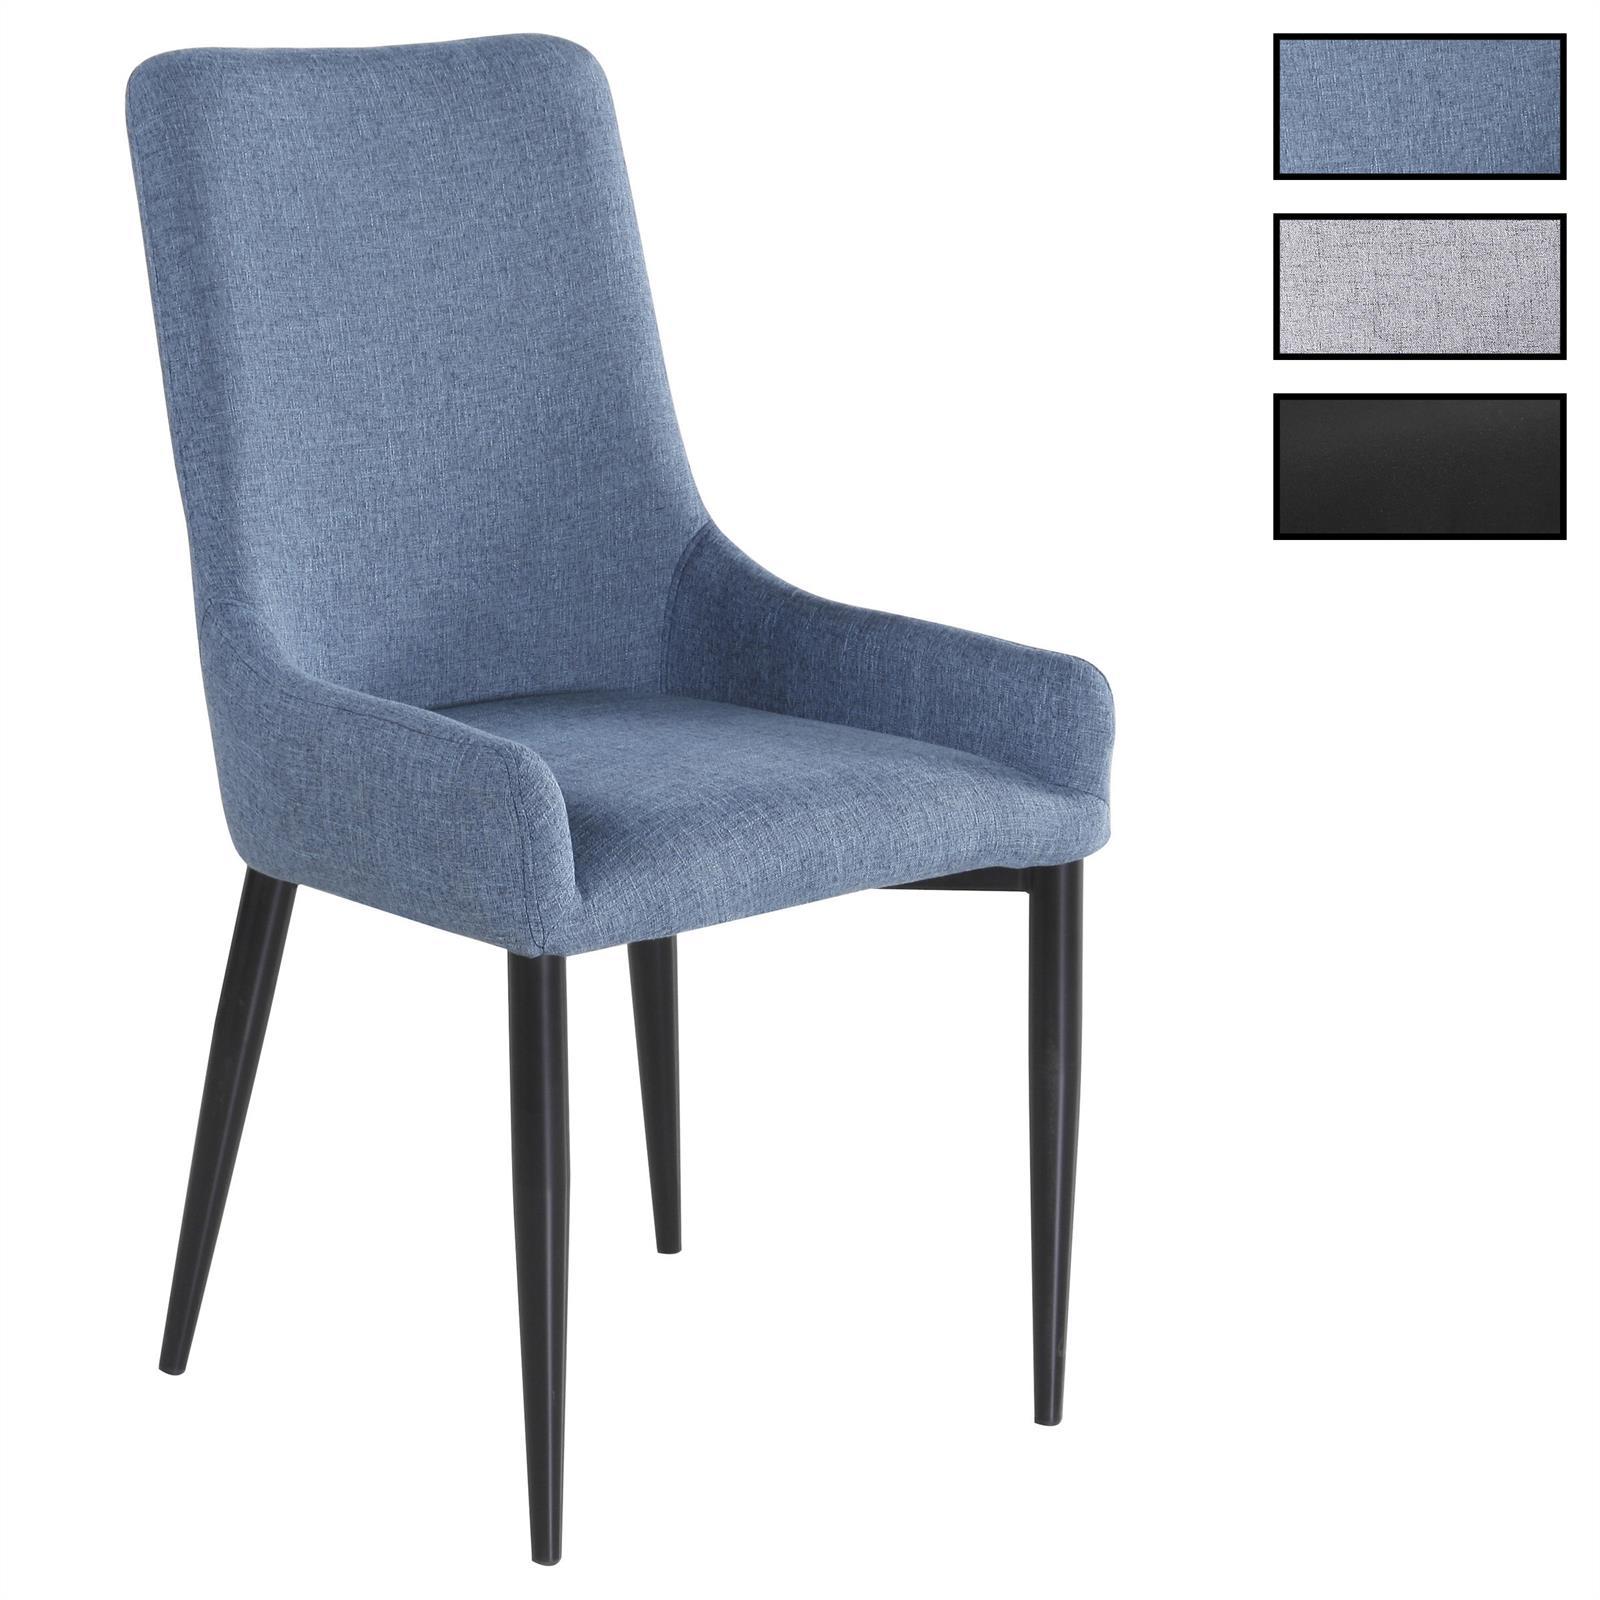 Gewaltig Stühle Mit Stoffbezug Das Beste Von 4er Set Stuhl Kylie Stoffbezug,